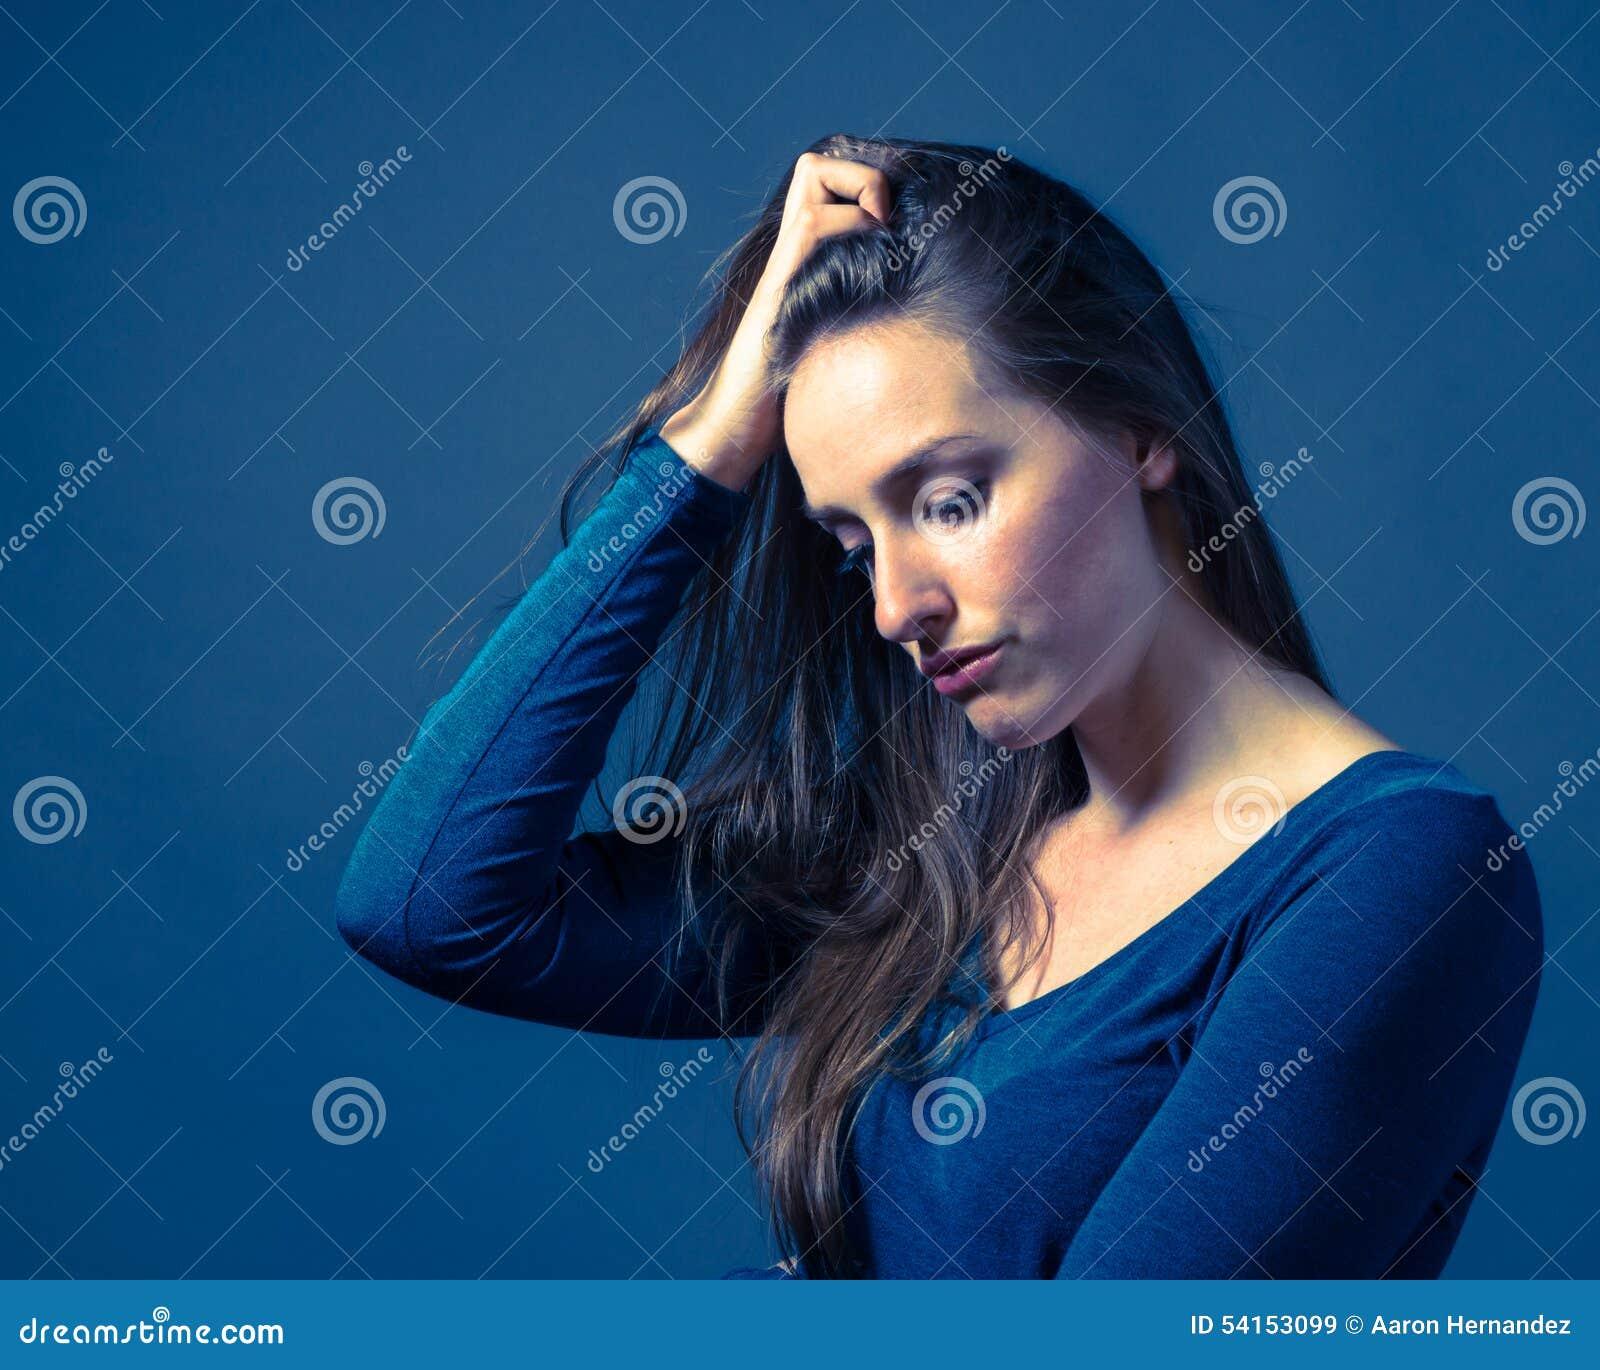 Slender Caucasian Female Somber Expression